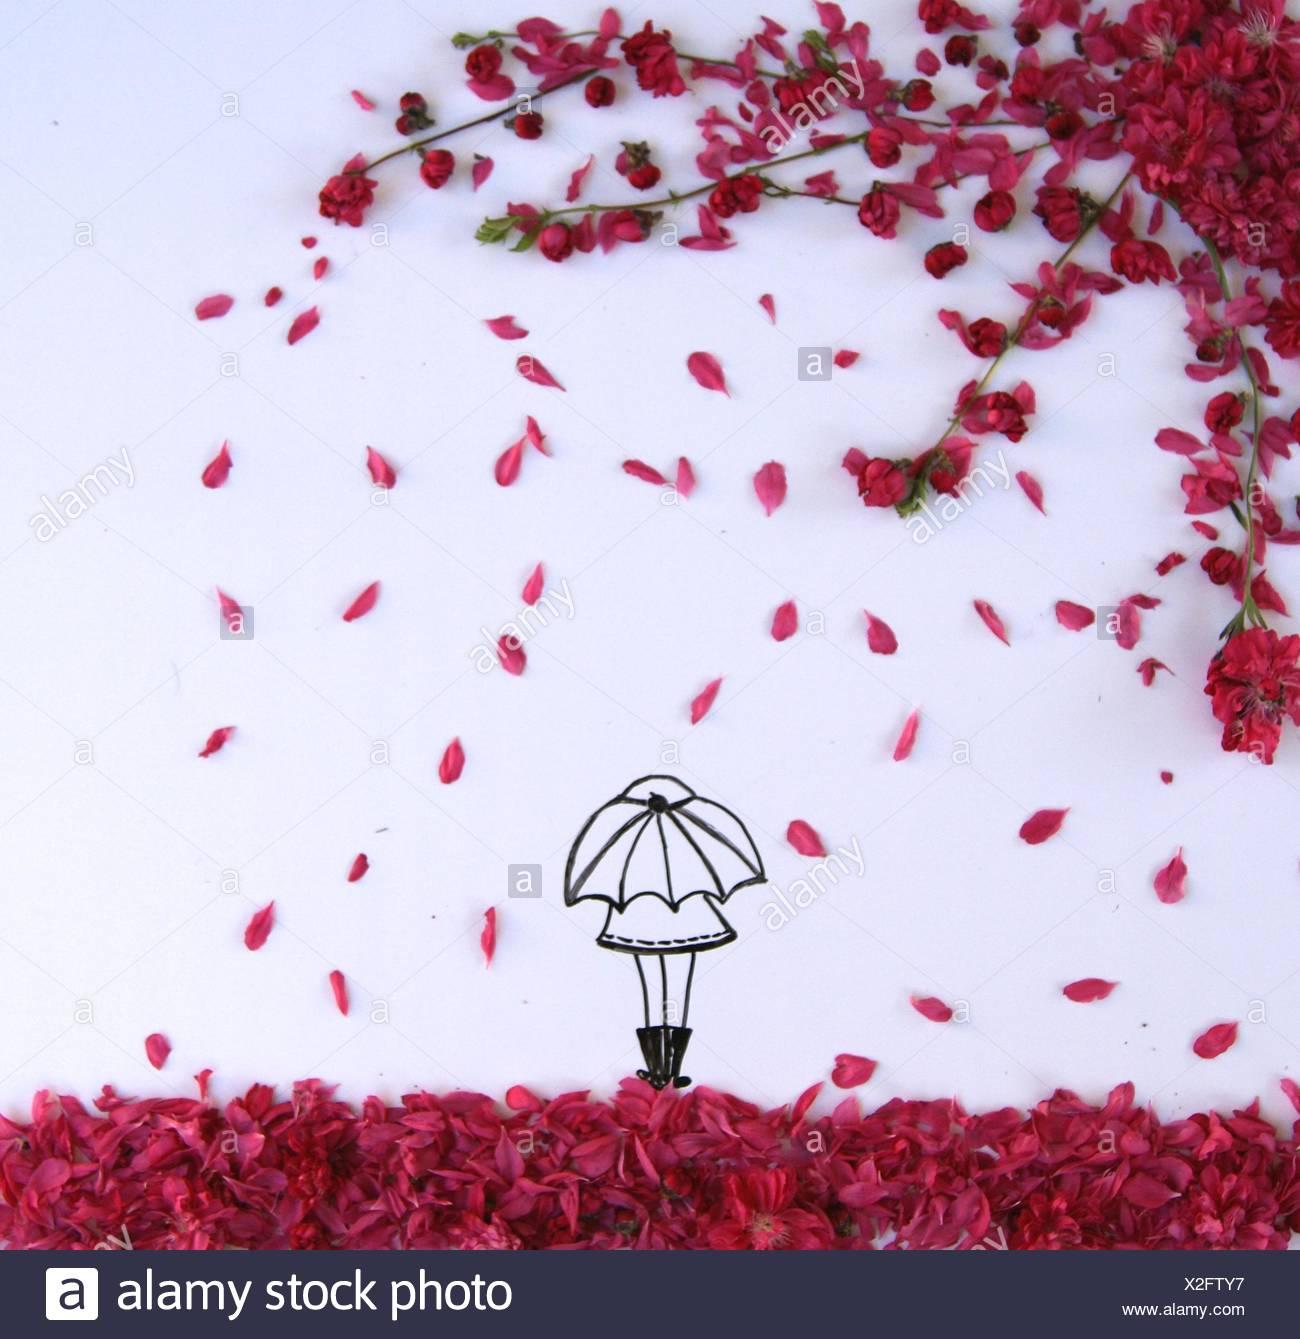 Konzeptionelle Zeichnung eines Mädchens stehen unter einem Regenschirm während Frühling Blüte Dusche Stockbild